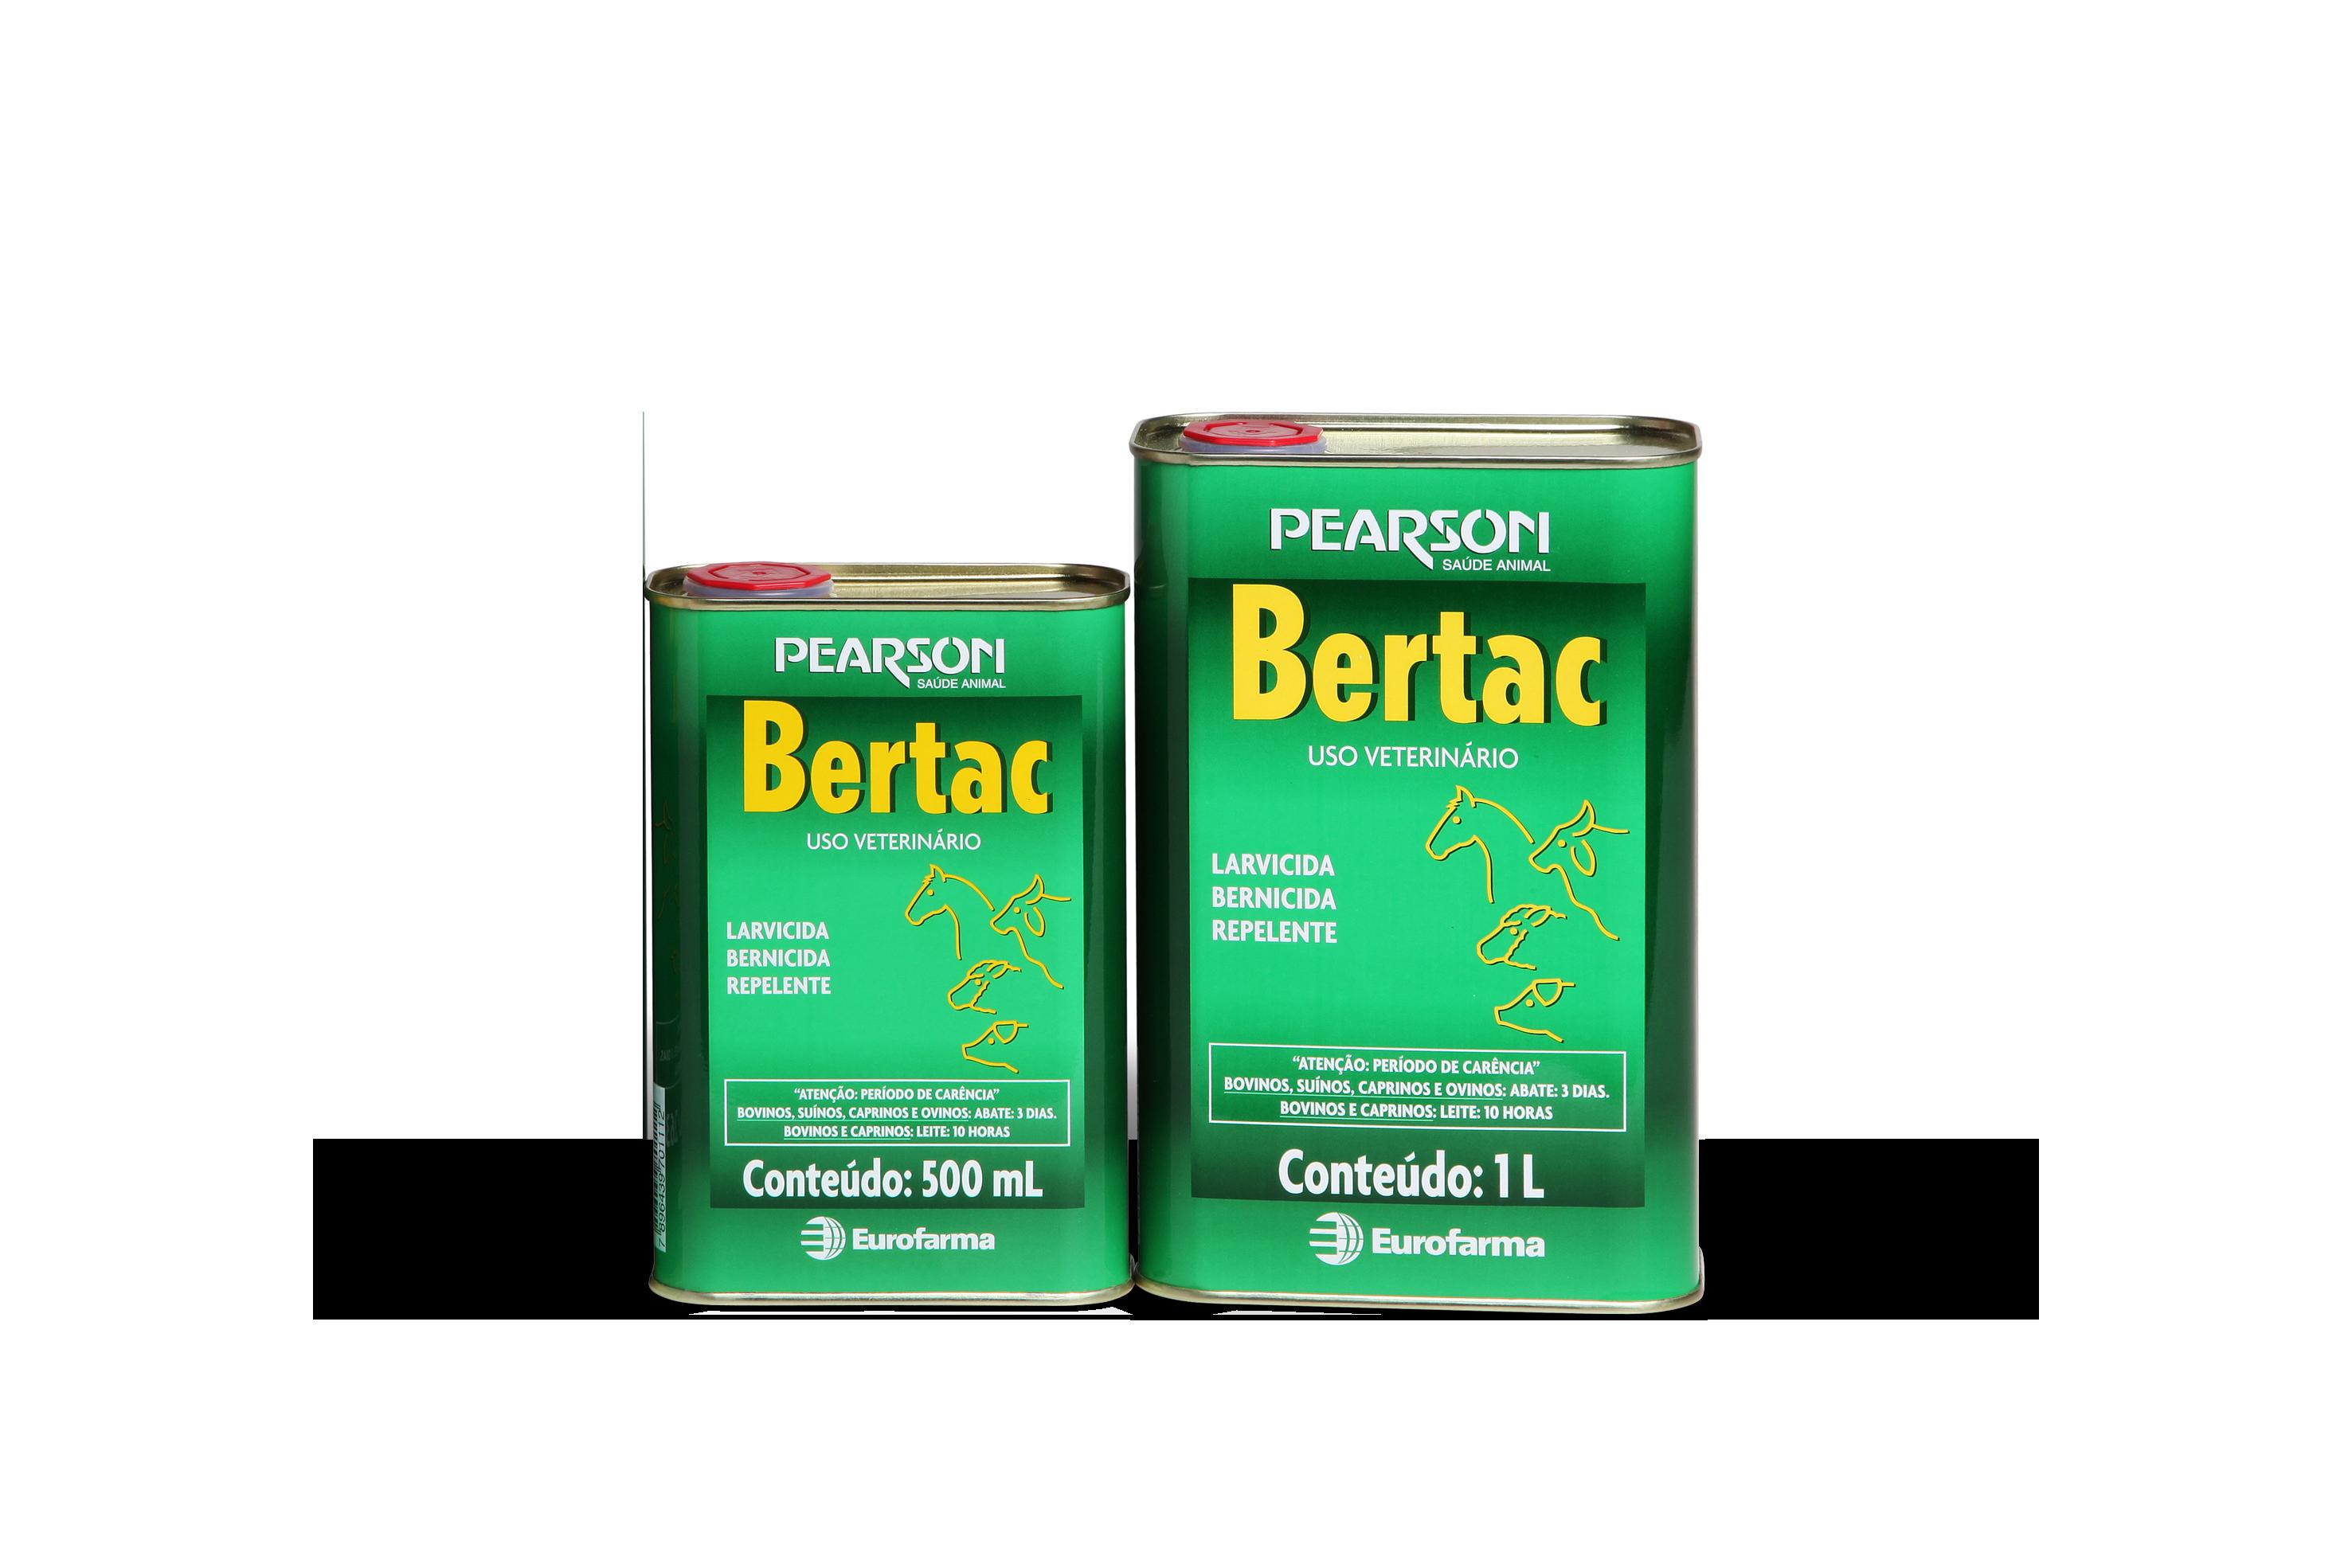 Bertac